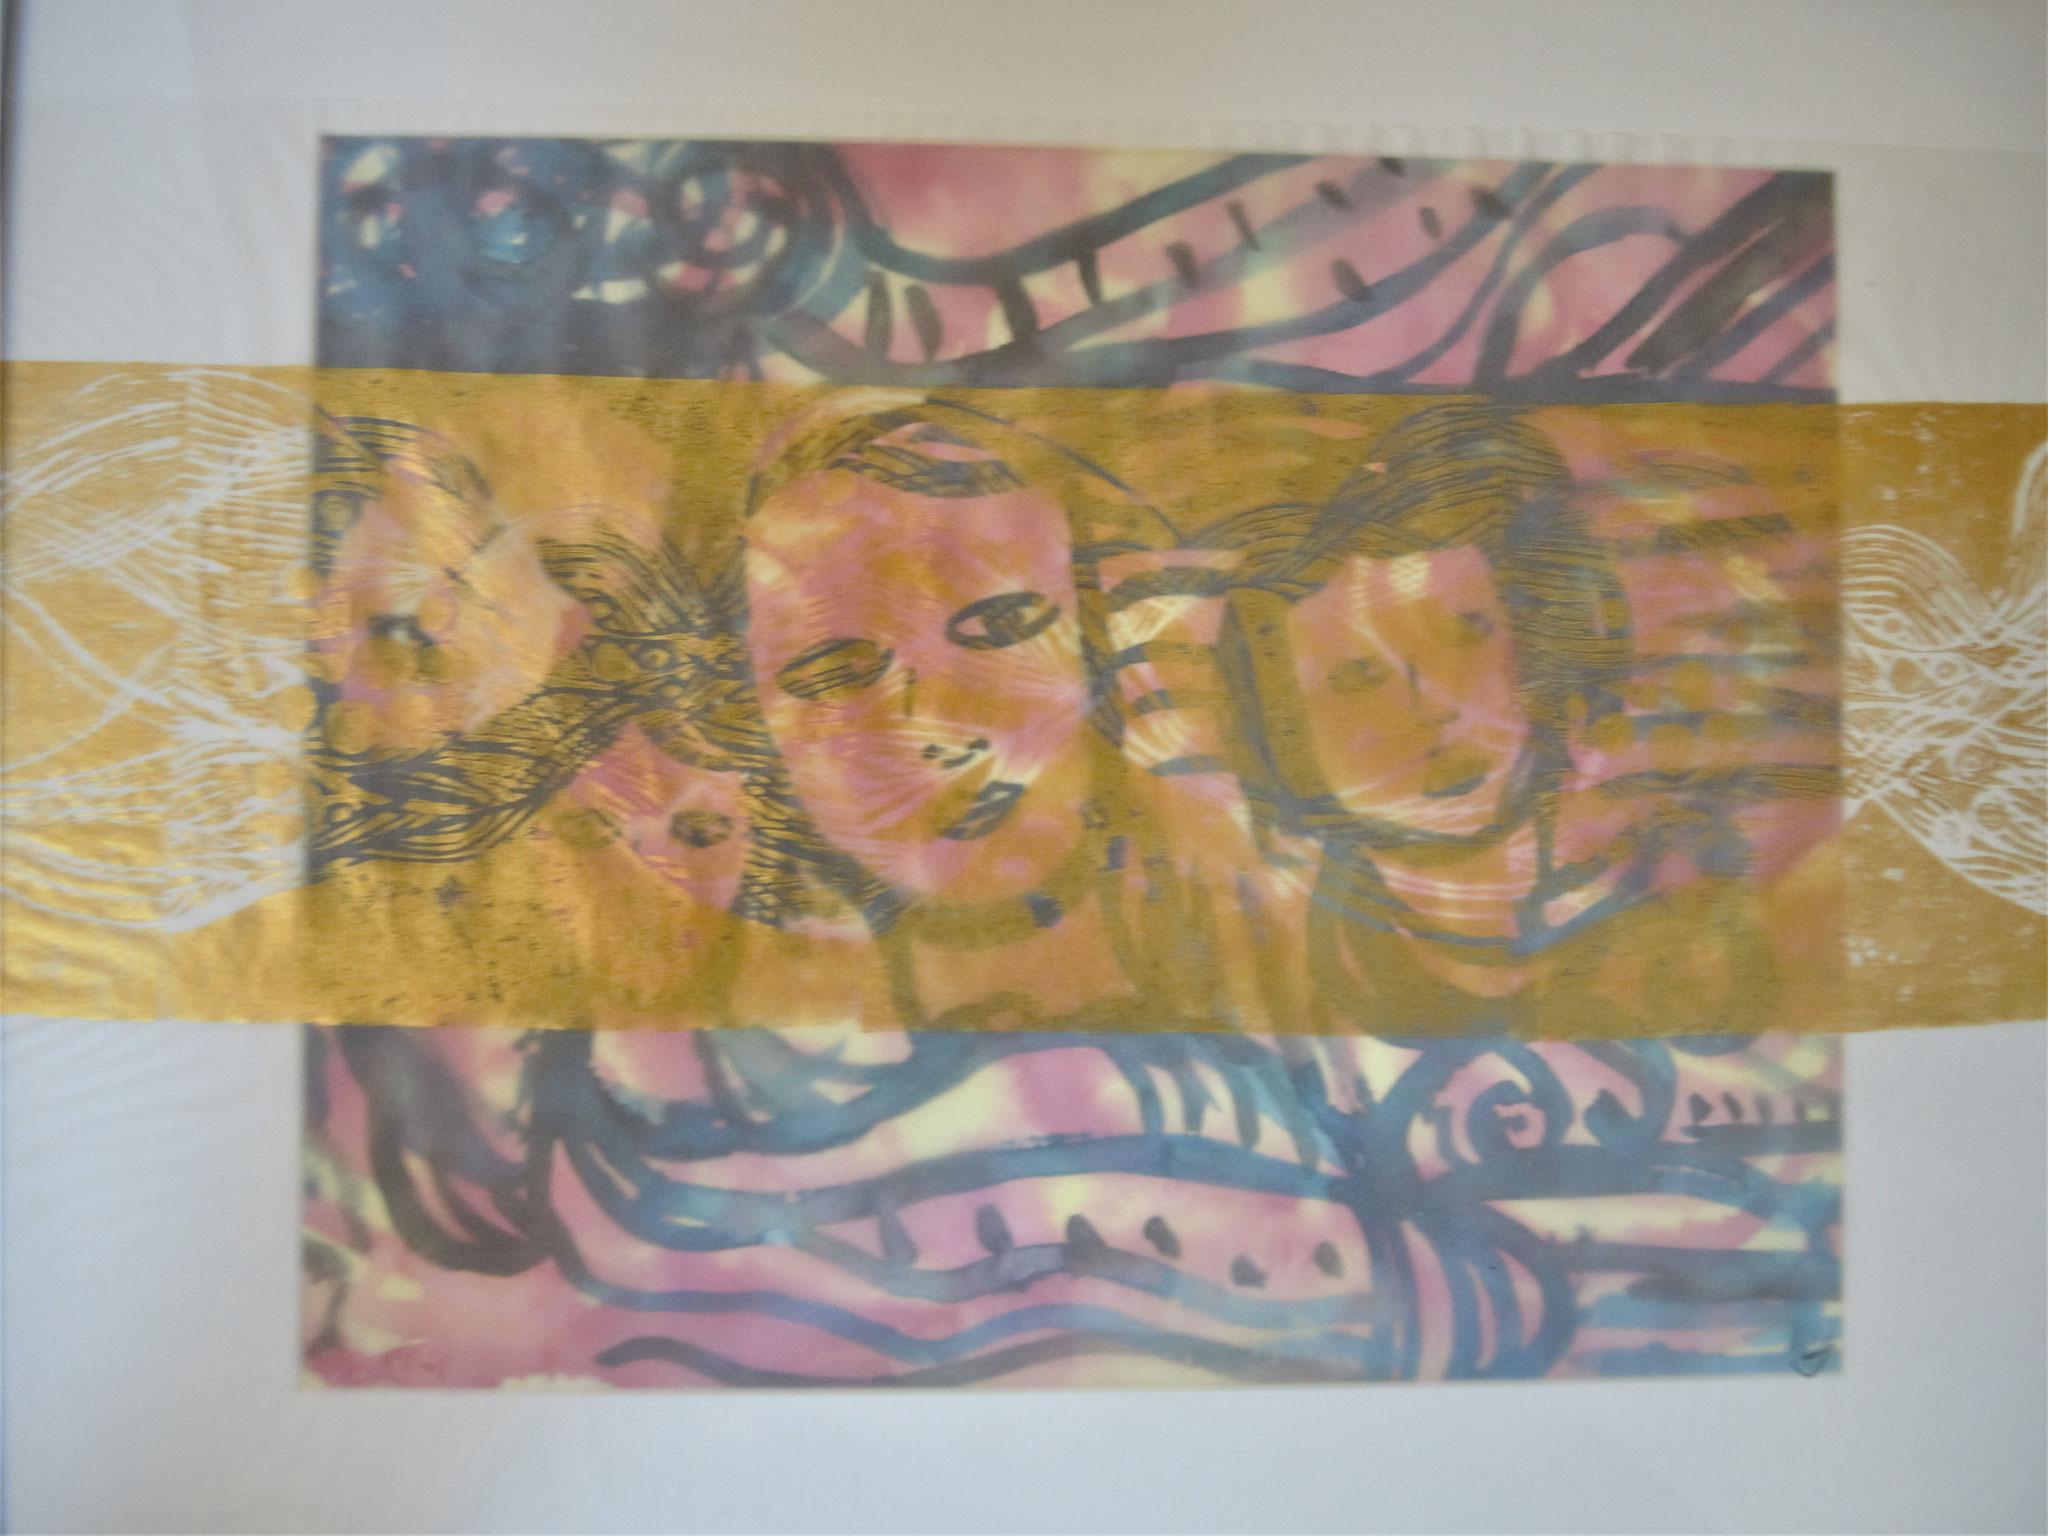 Aquarell mit Linoldruck auf Transparentpapier, 40 x 50cm, 2020